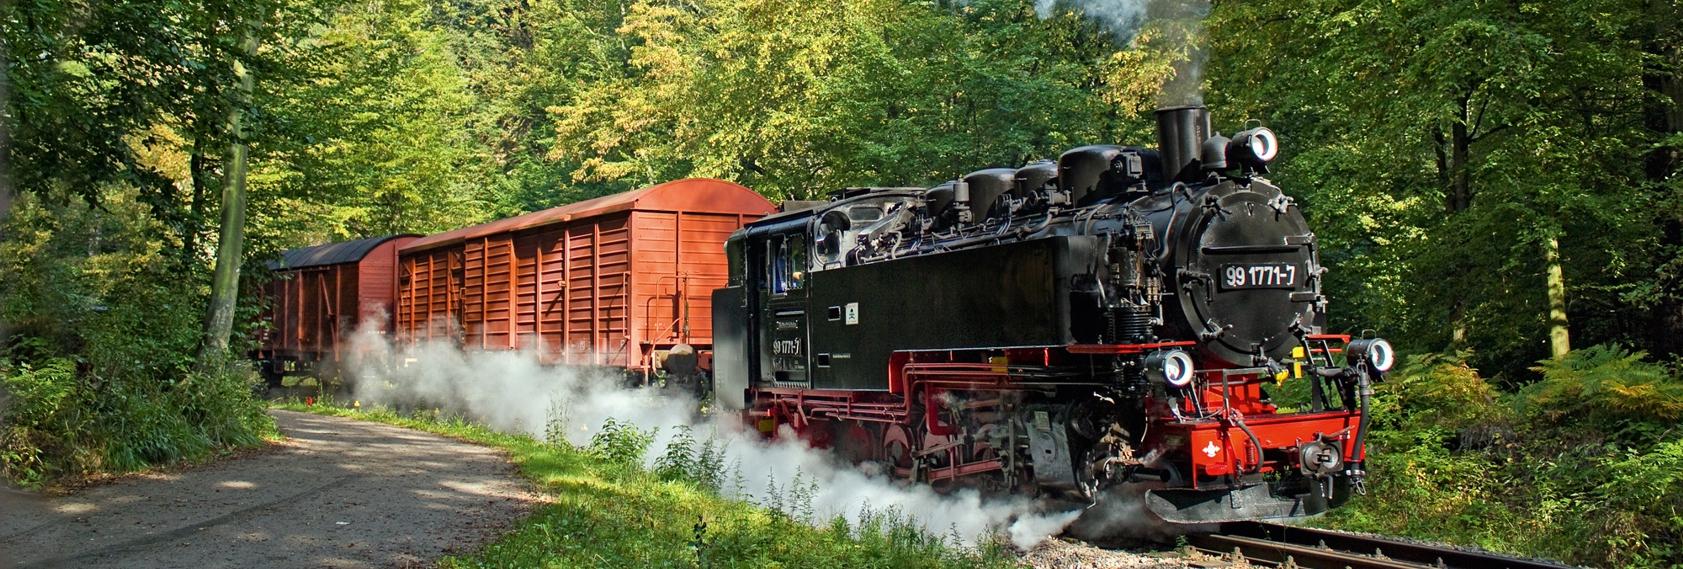 Dampfzug mit zwei braunen Güterwagen